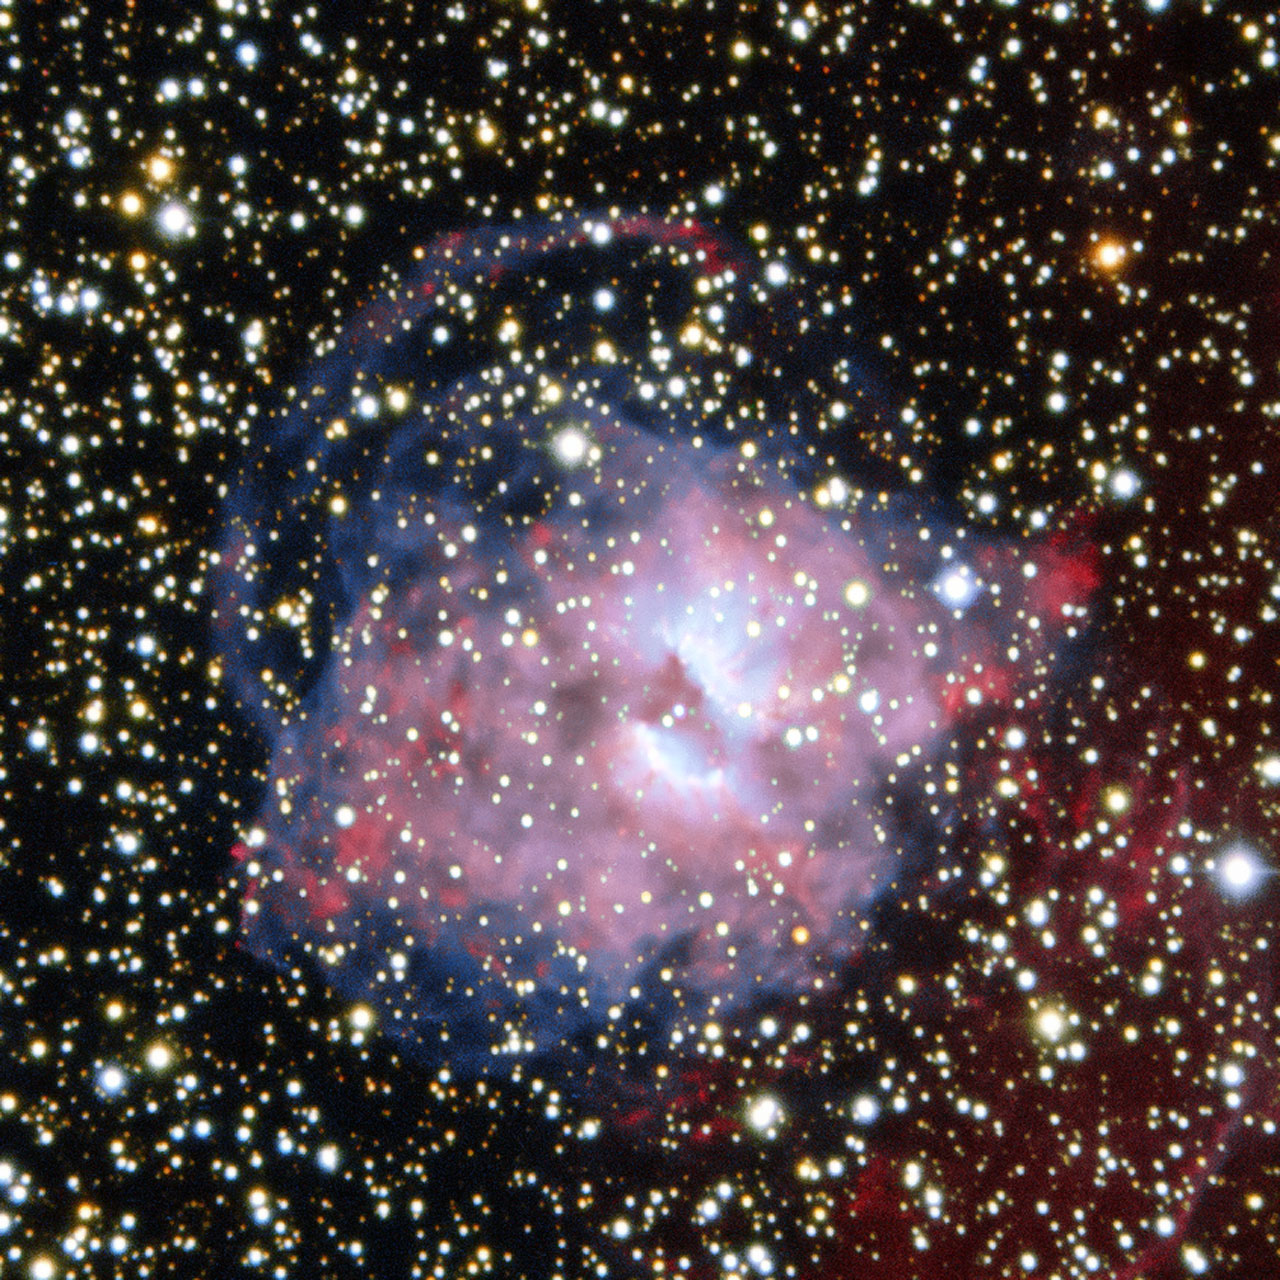 Uma nebulosa planetária dividida